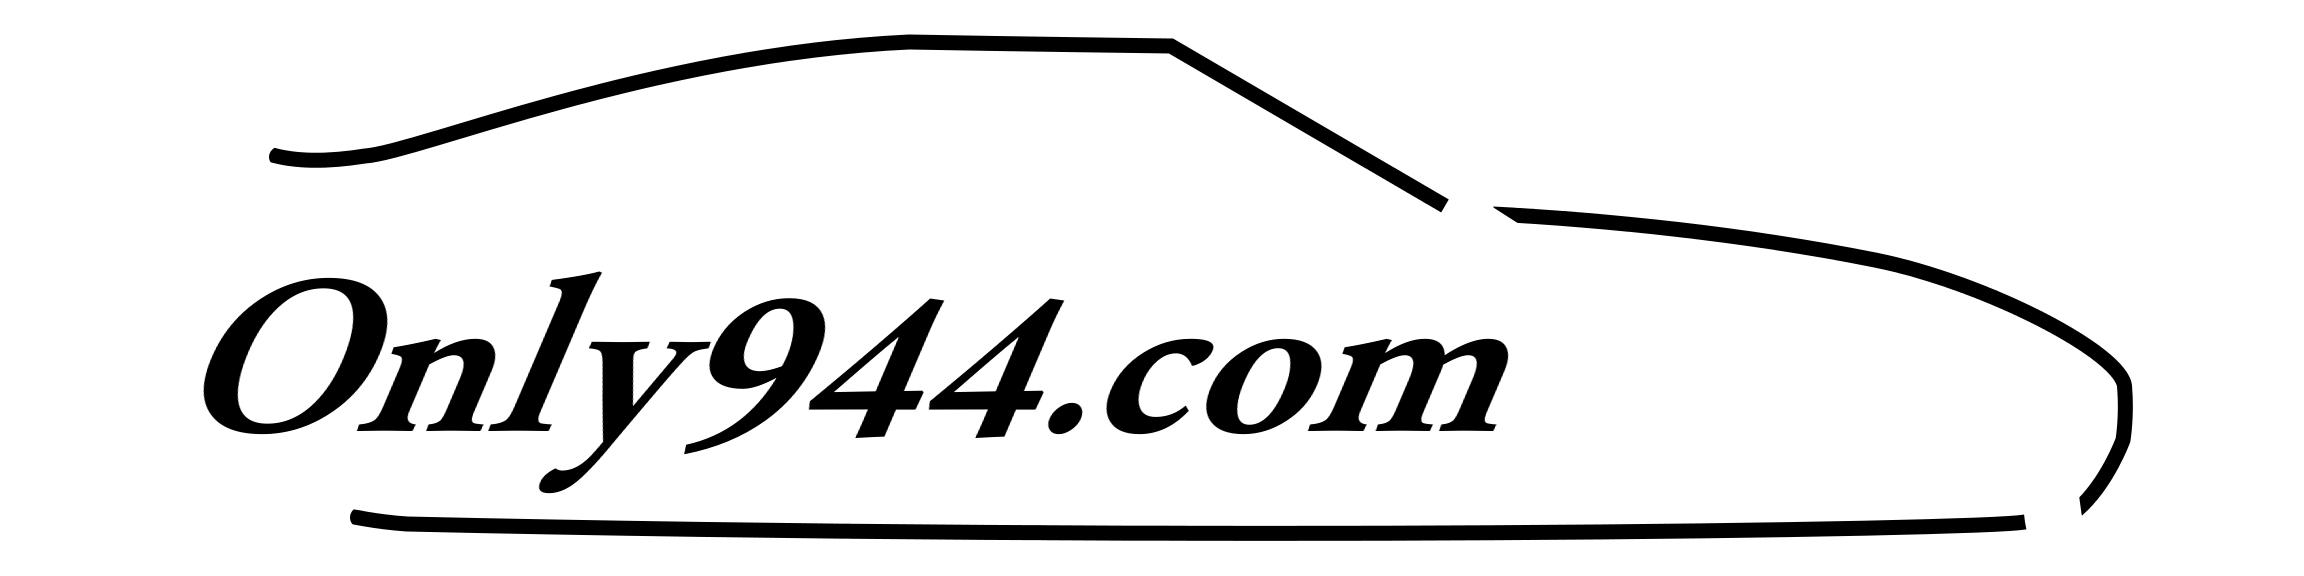 Only944.com